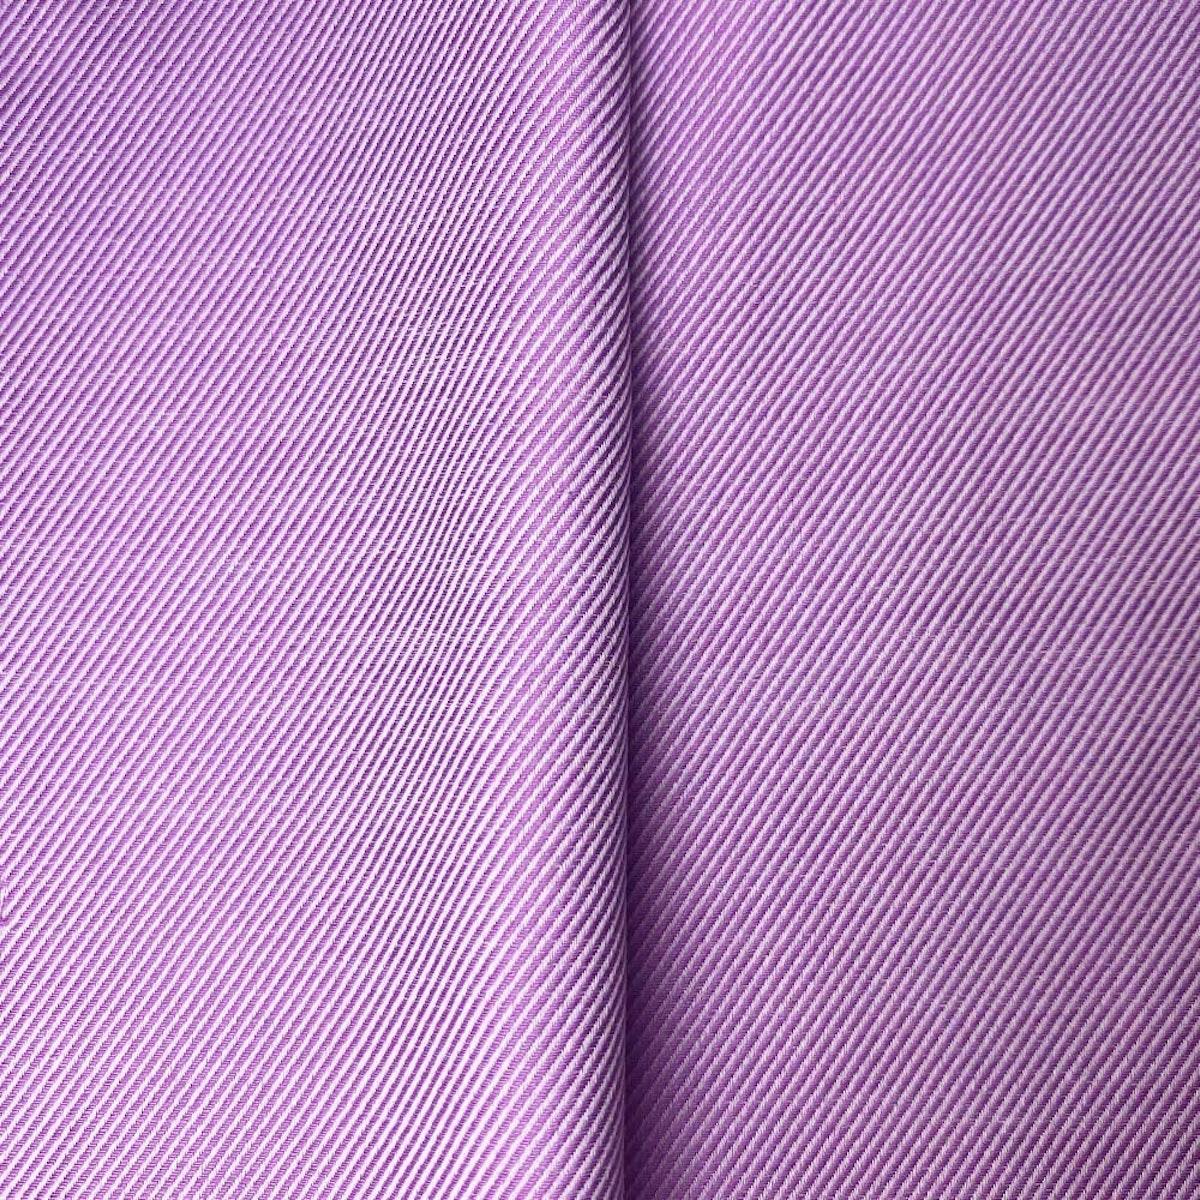 InStitchu Shirt Fabric 77